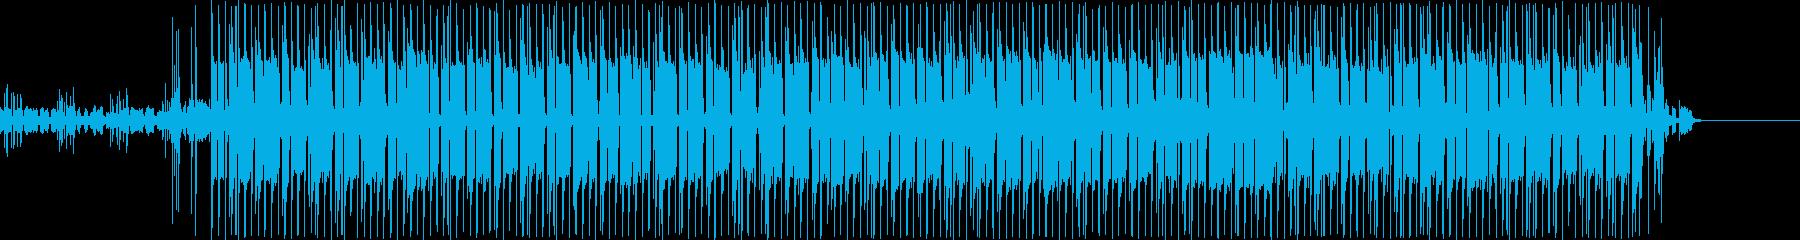 ワールド 民族 レゲエ スカし ア...の再生済みの波形